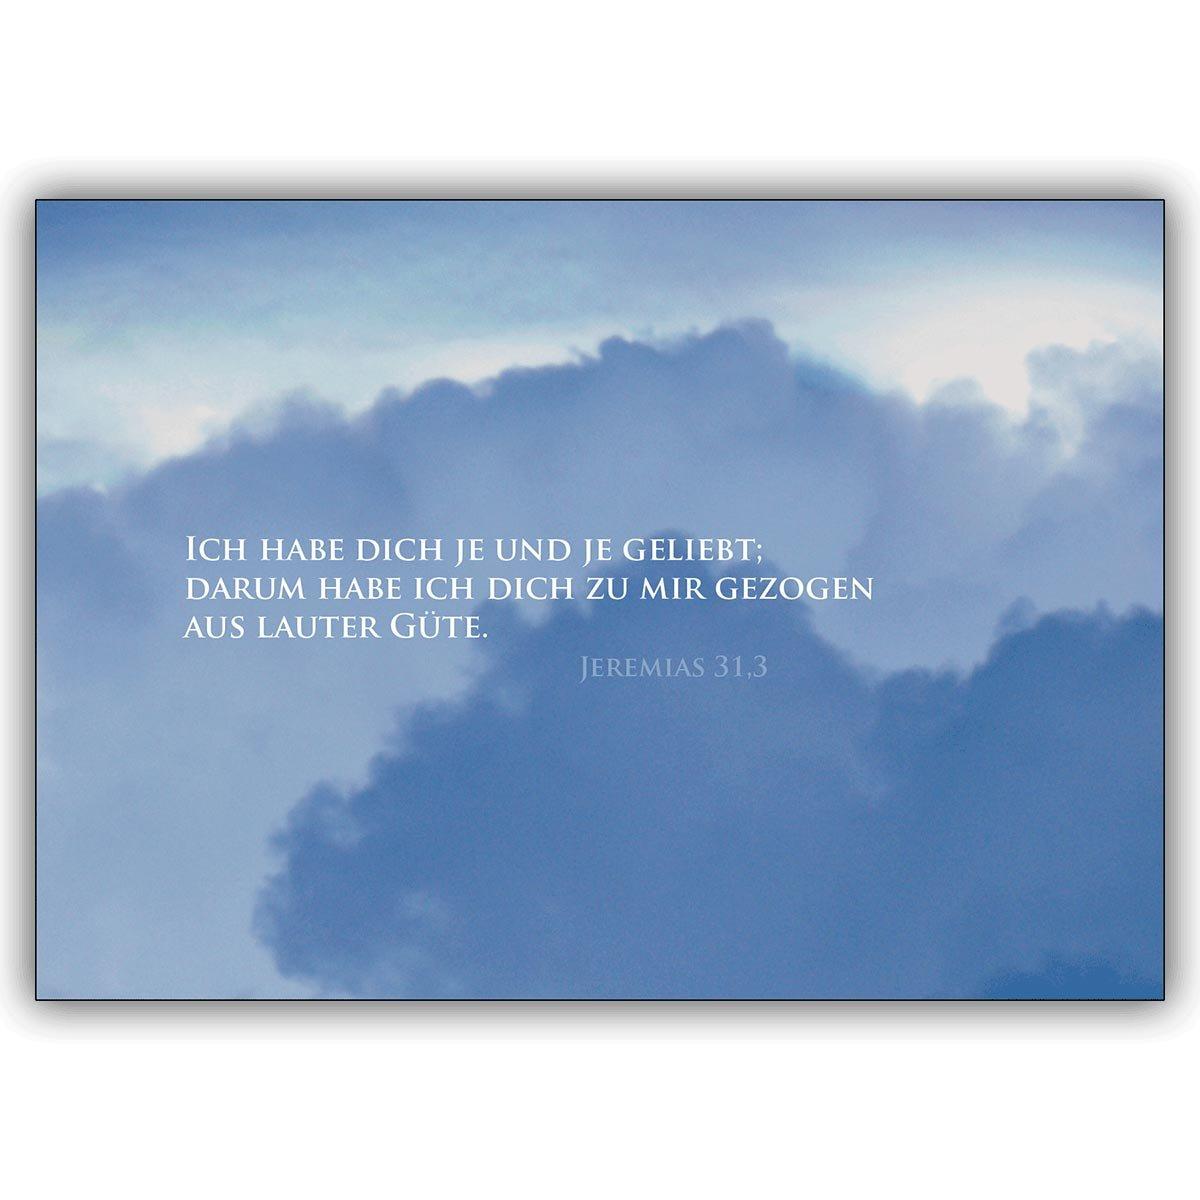 Direkte Fertigung 12 Traueranzeigen  Wolken innen ihr ihr ihr Text. Motiv   Ich habe dich je und je geliebt...  den traditionell gestalteten Text drucken wir innen - nur Schrift auswählen zzgl 12 Papier Einleger weiß B00W7V8IWW | Schön geformt  e2551d